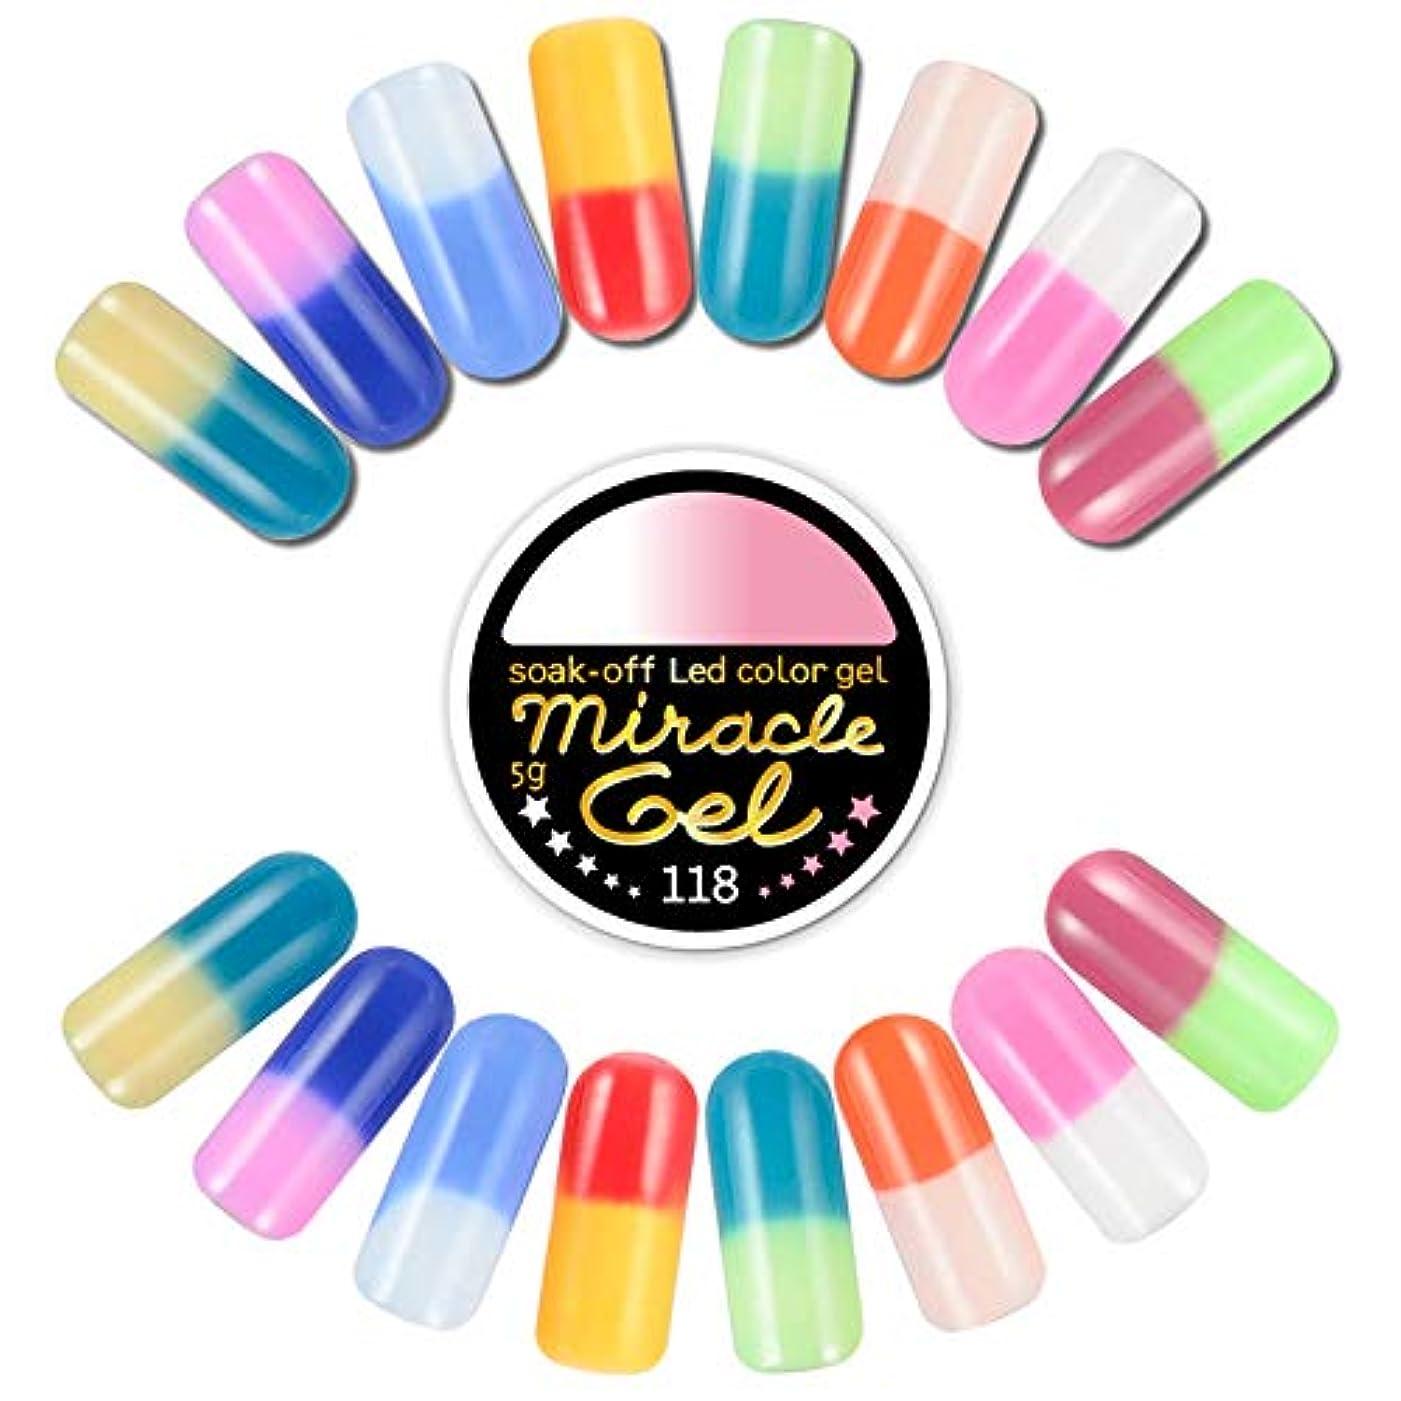 エントリ不純彫刻温度で色が変わるジェル カラージェル ミラクルジェル 5g miracle gel ソークオフカラージェル 【182u